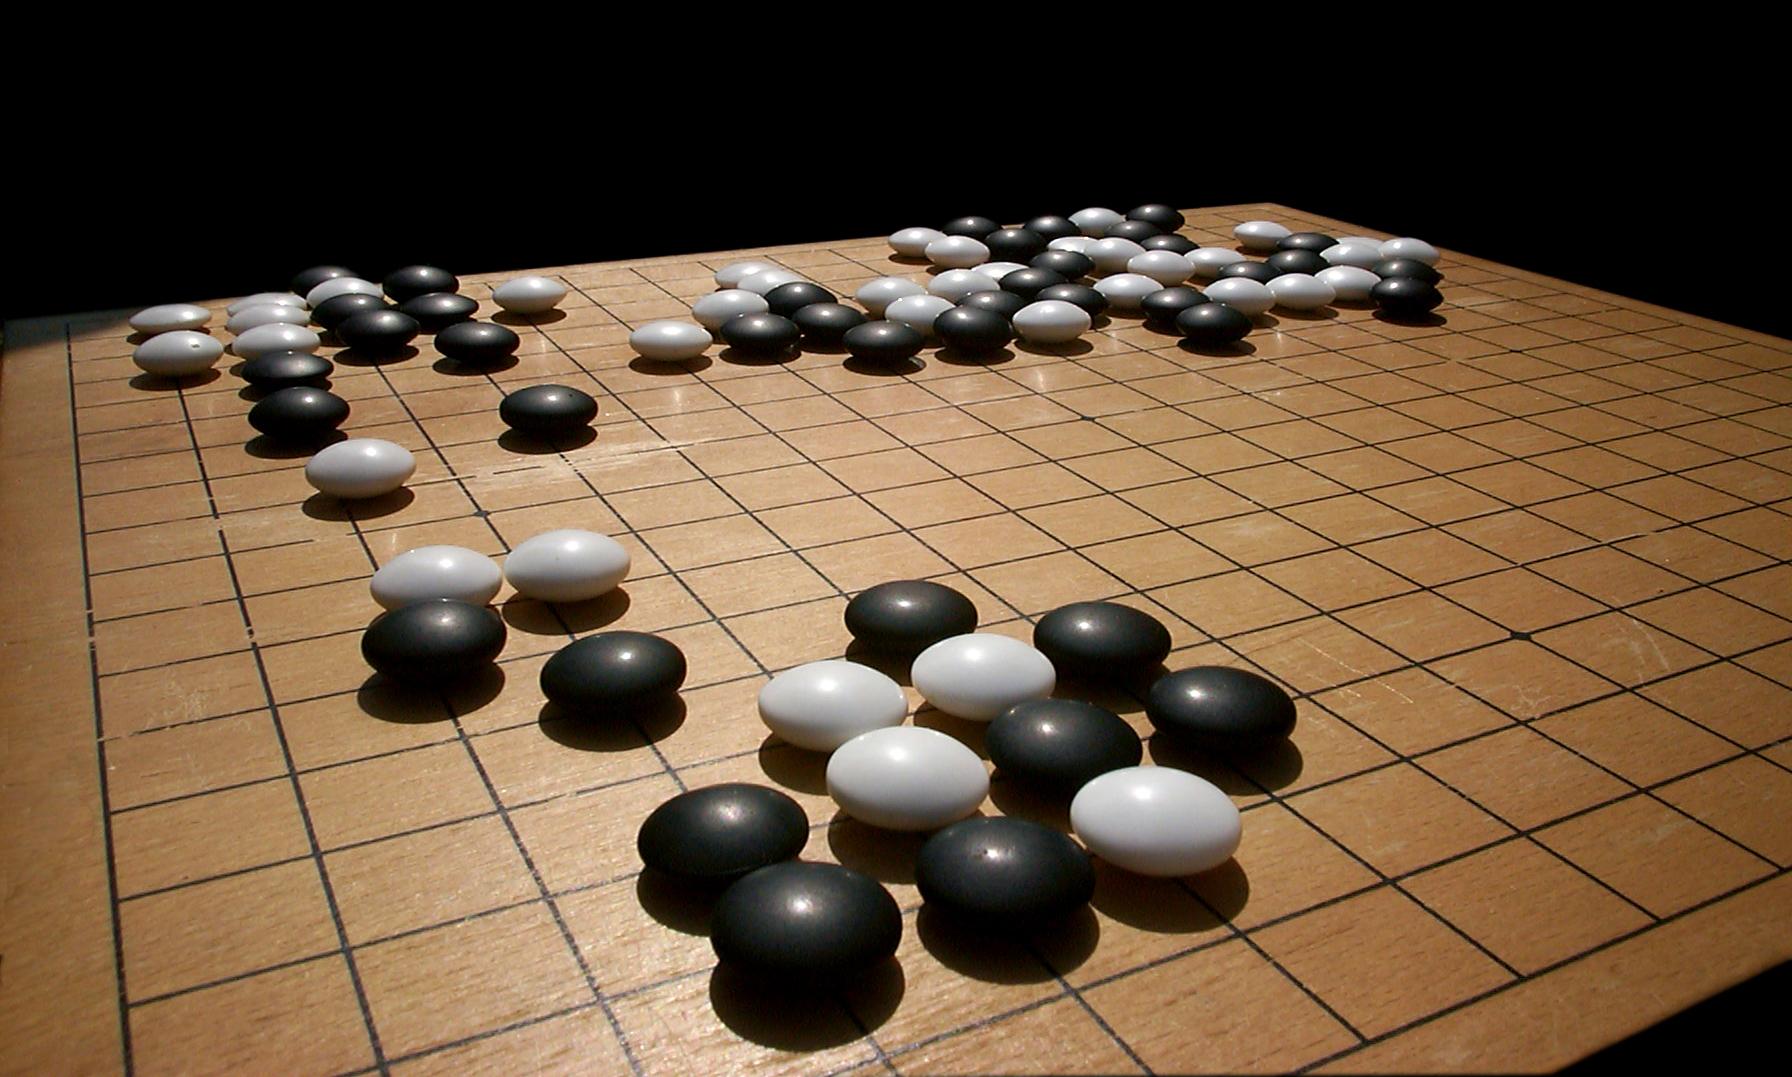 Plancia del gioco del Go, Belgio. Credit: Fcb981 /               Wikipedia. Licenza: CC BY-SA 3.0